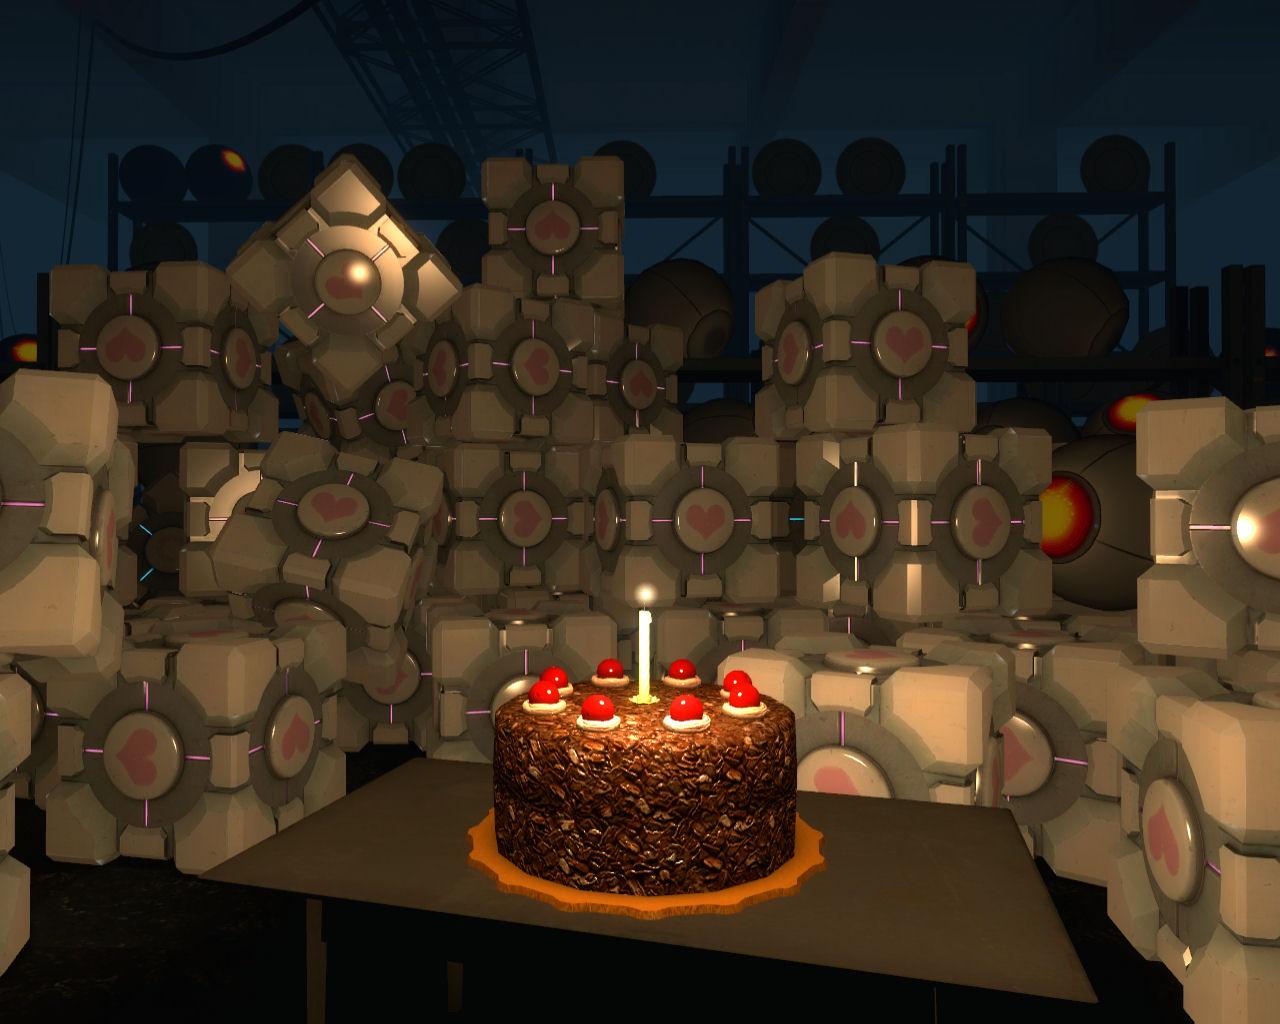 Поздравления с днем рождения портала 96